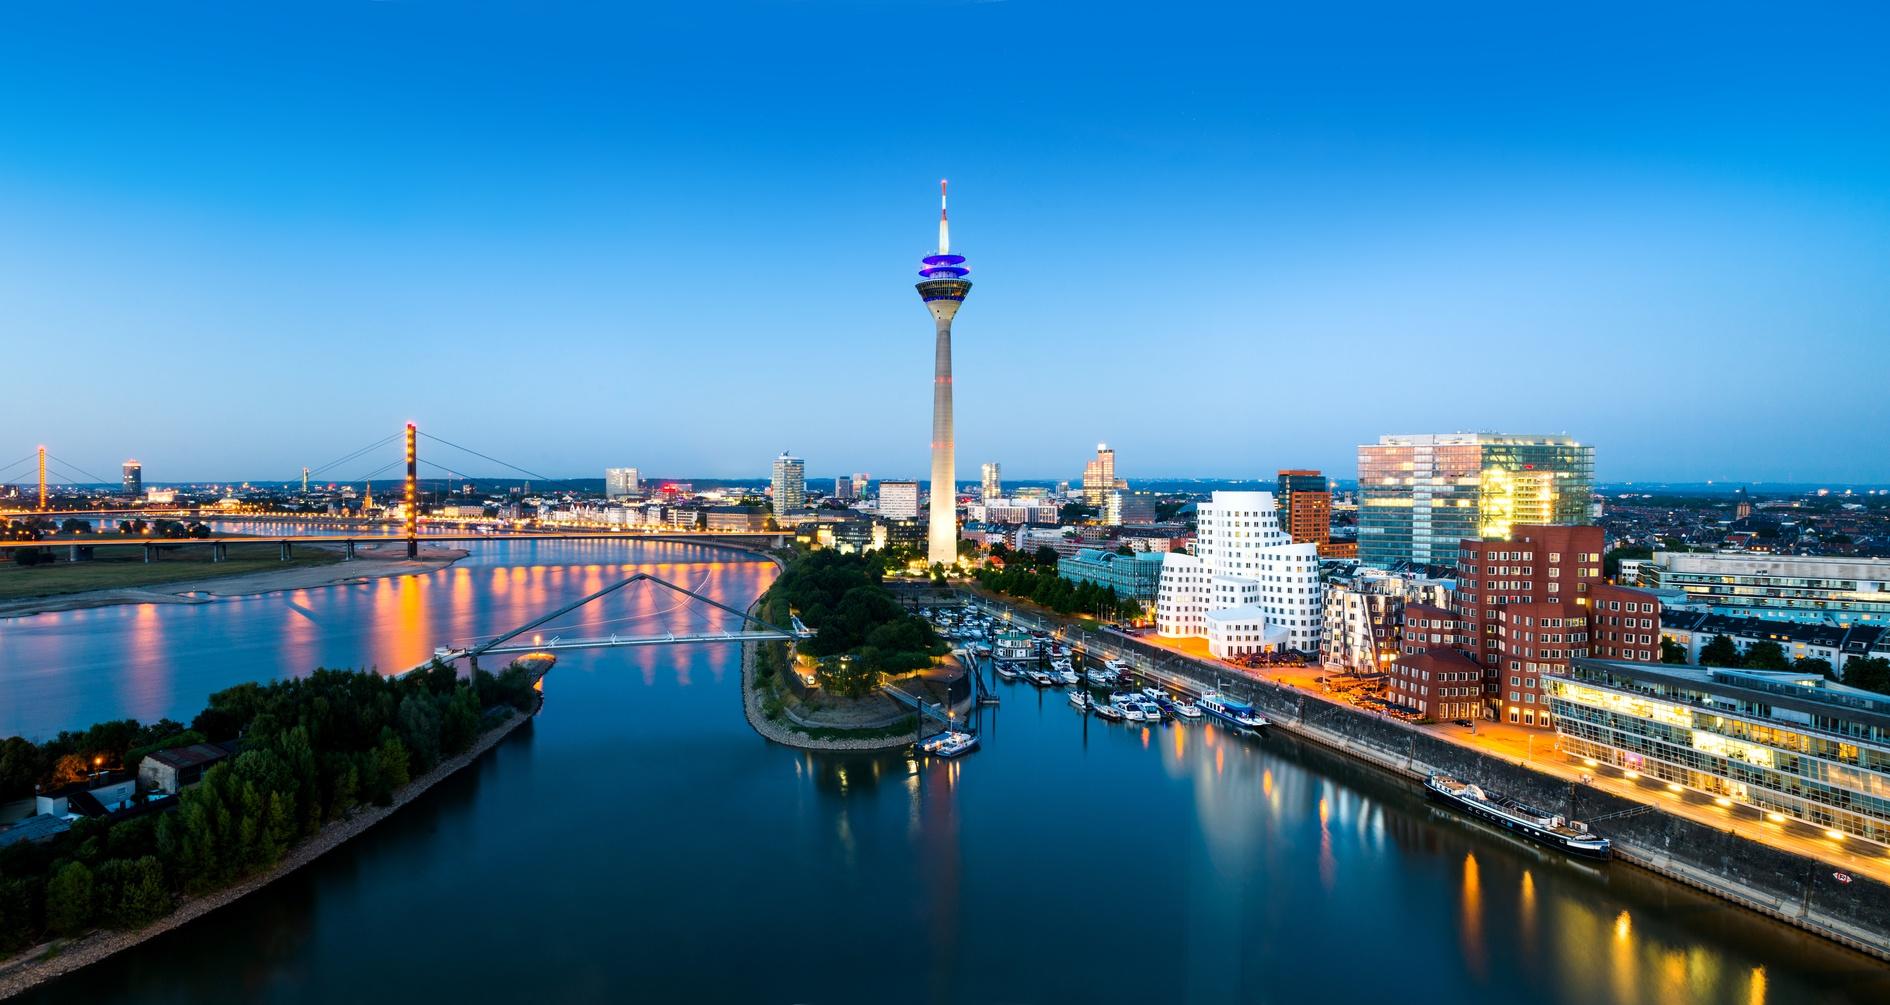 005-Quality_of_life_2017 Топ-10 Городов с самым высоким качеством жизни